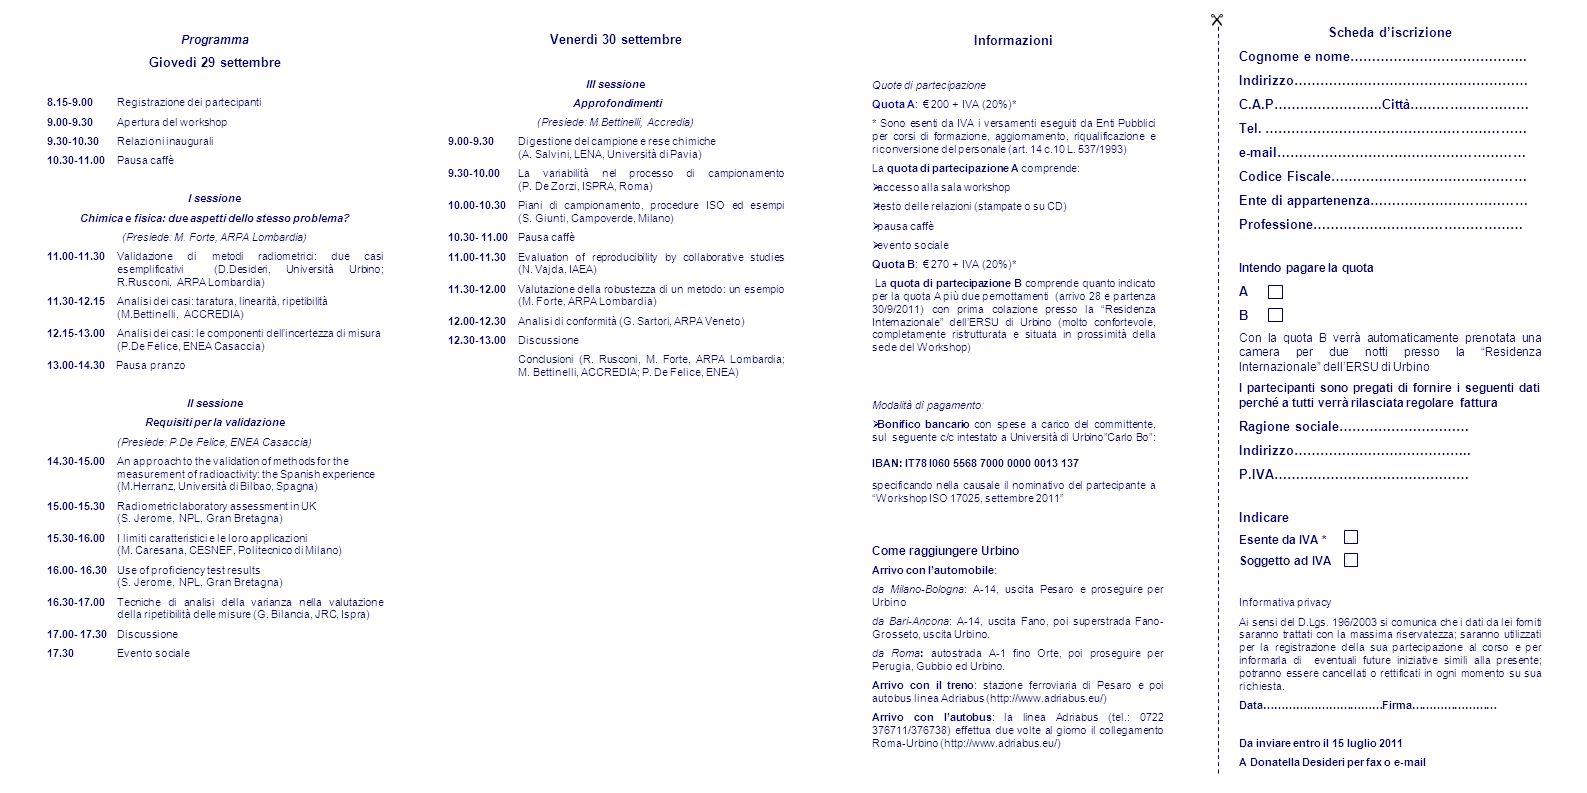 Programma Giovedì 29 settembre 8.15-9.00Registrazione dei partecipanti 9.00-9.30Apertura del workshop 9.30-10.30 Relazioni inaugurali 10.30-11.00Pausa caffè I sessione Chimica e fisica: due aspetti dello stesso problema.